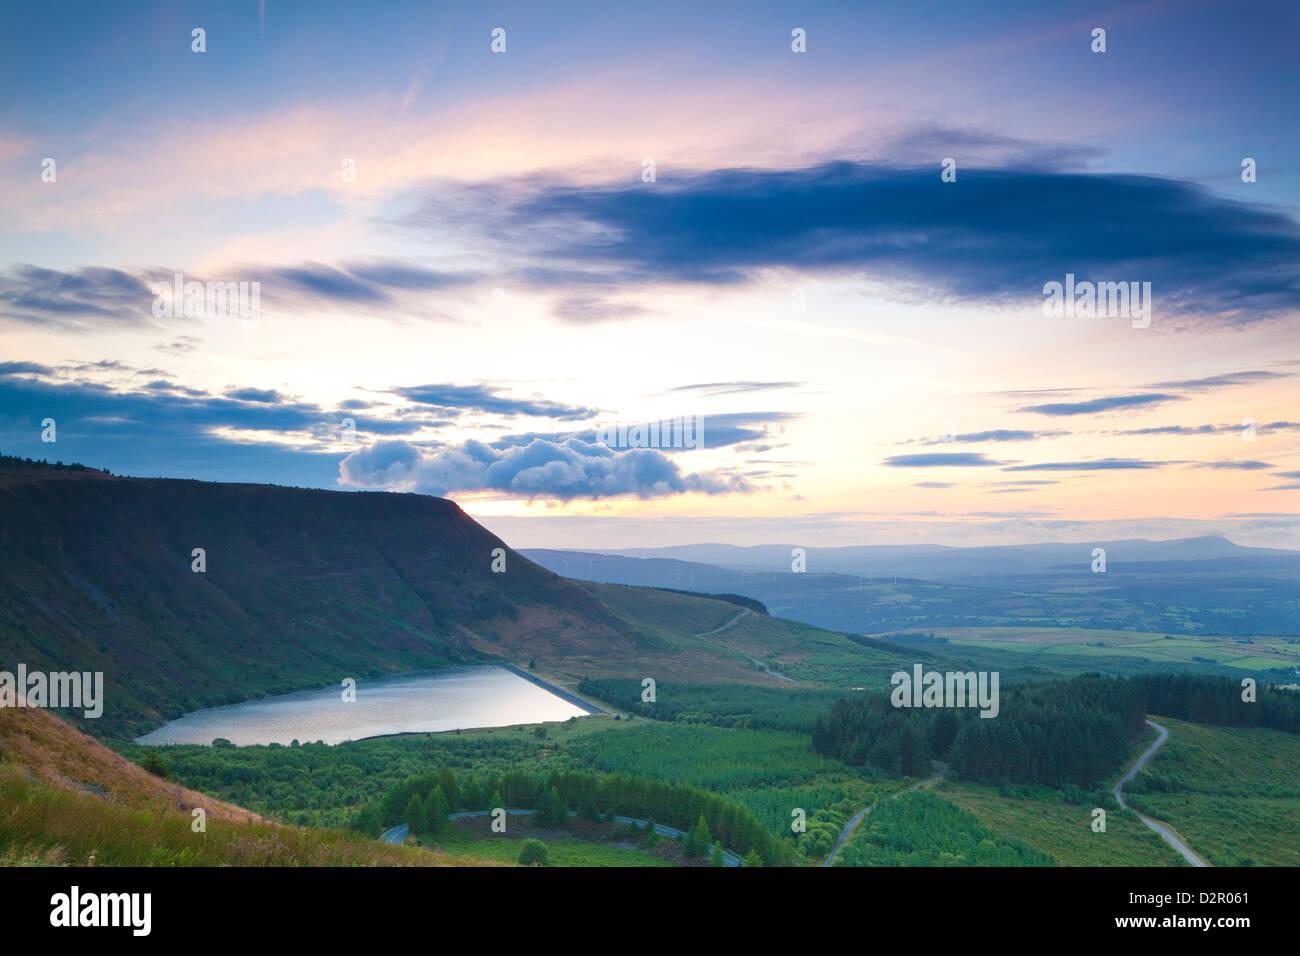 Graig y Llyn, Rhigos, Llyn Fawr, Rhondda, Glamorgan, Wales, United Kingdom, Europe - Stock Image